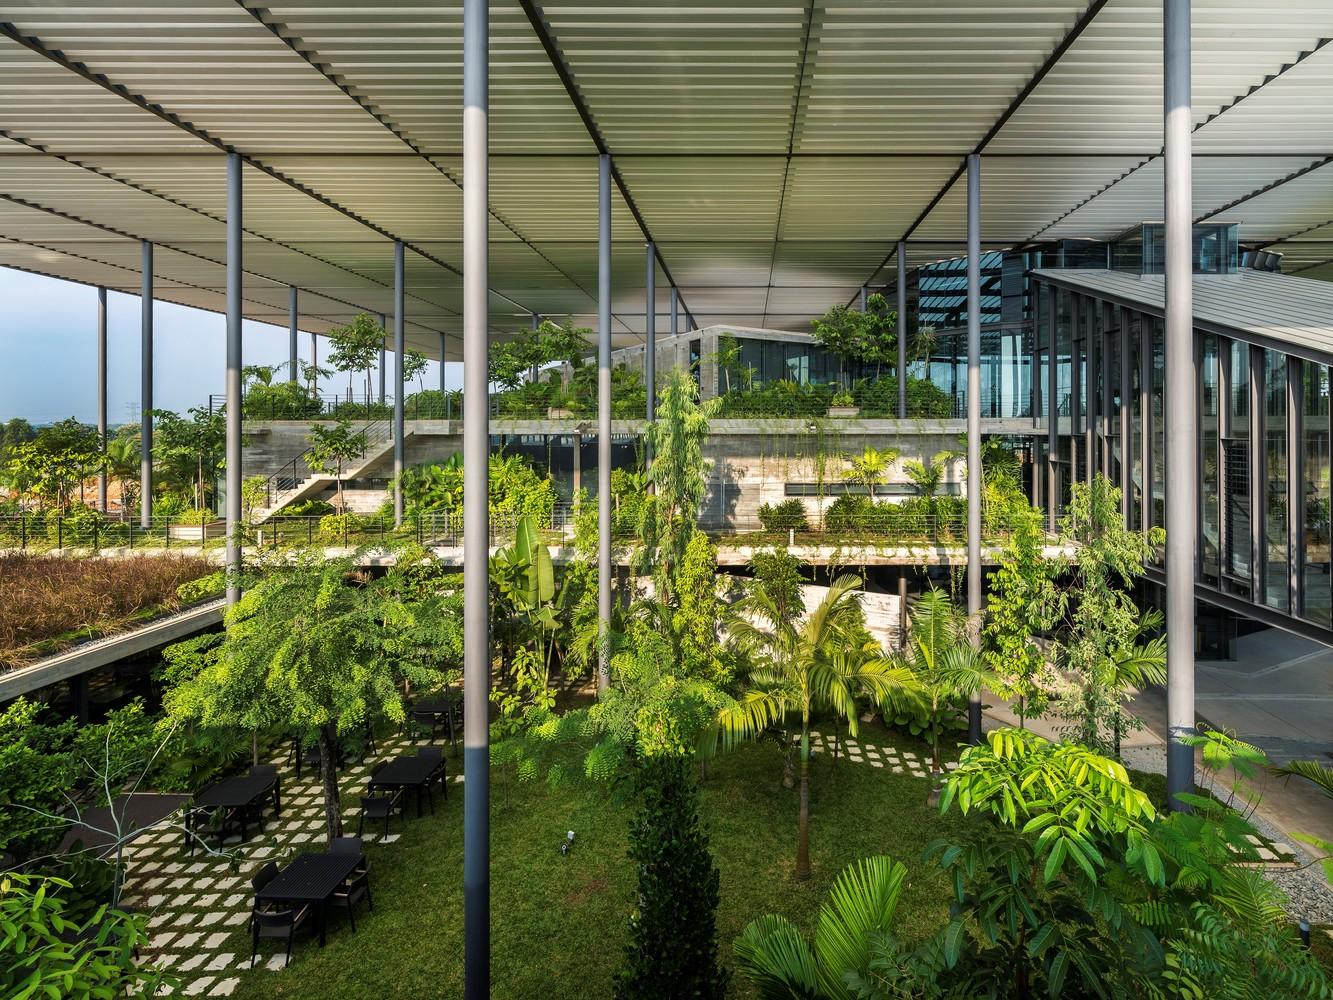 Tendencias en diseño y construcción del 2020: Lo recurrente, popular, relevante y sustancial,Factory in the Forest / Design Unit Architects Snd Bhd. Image © Lin Ho Photography